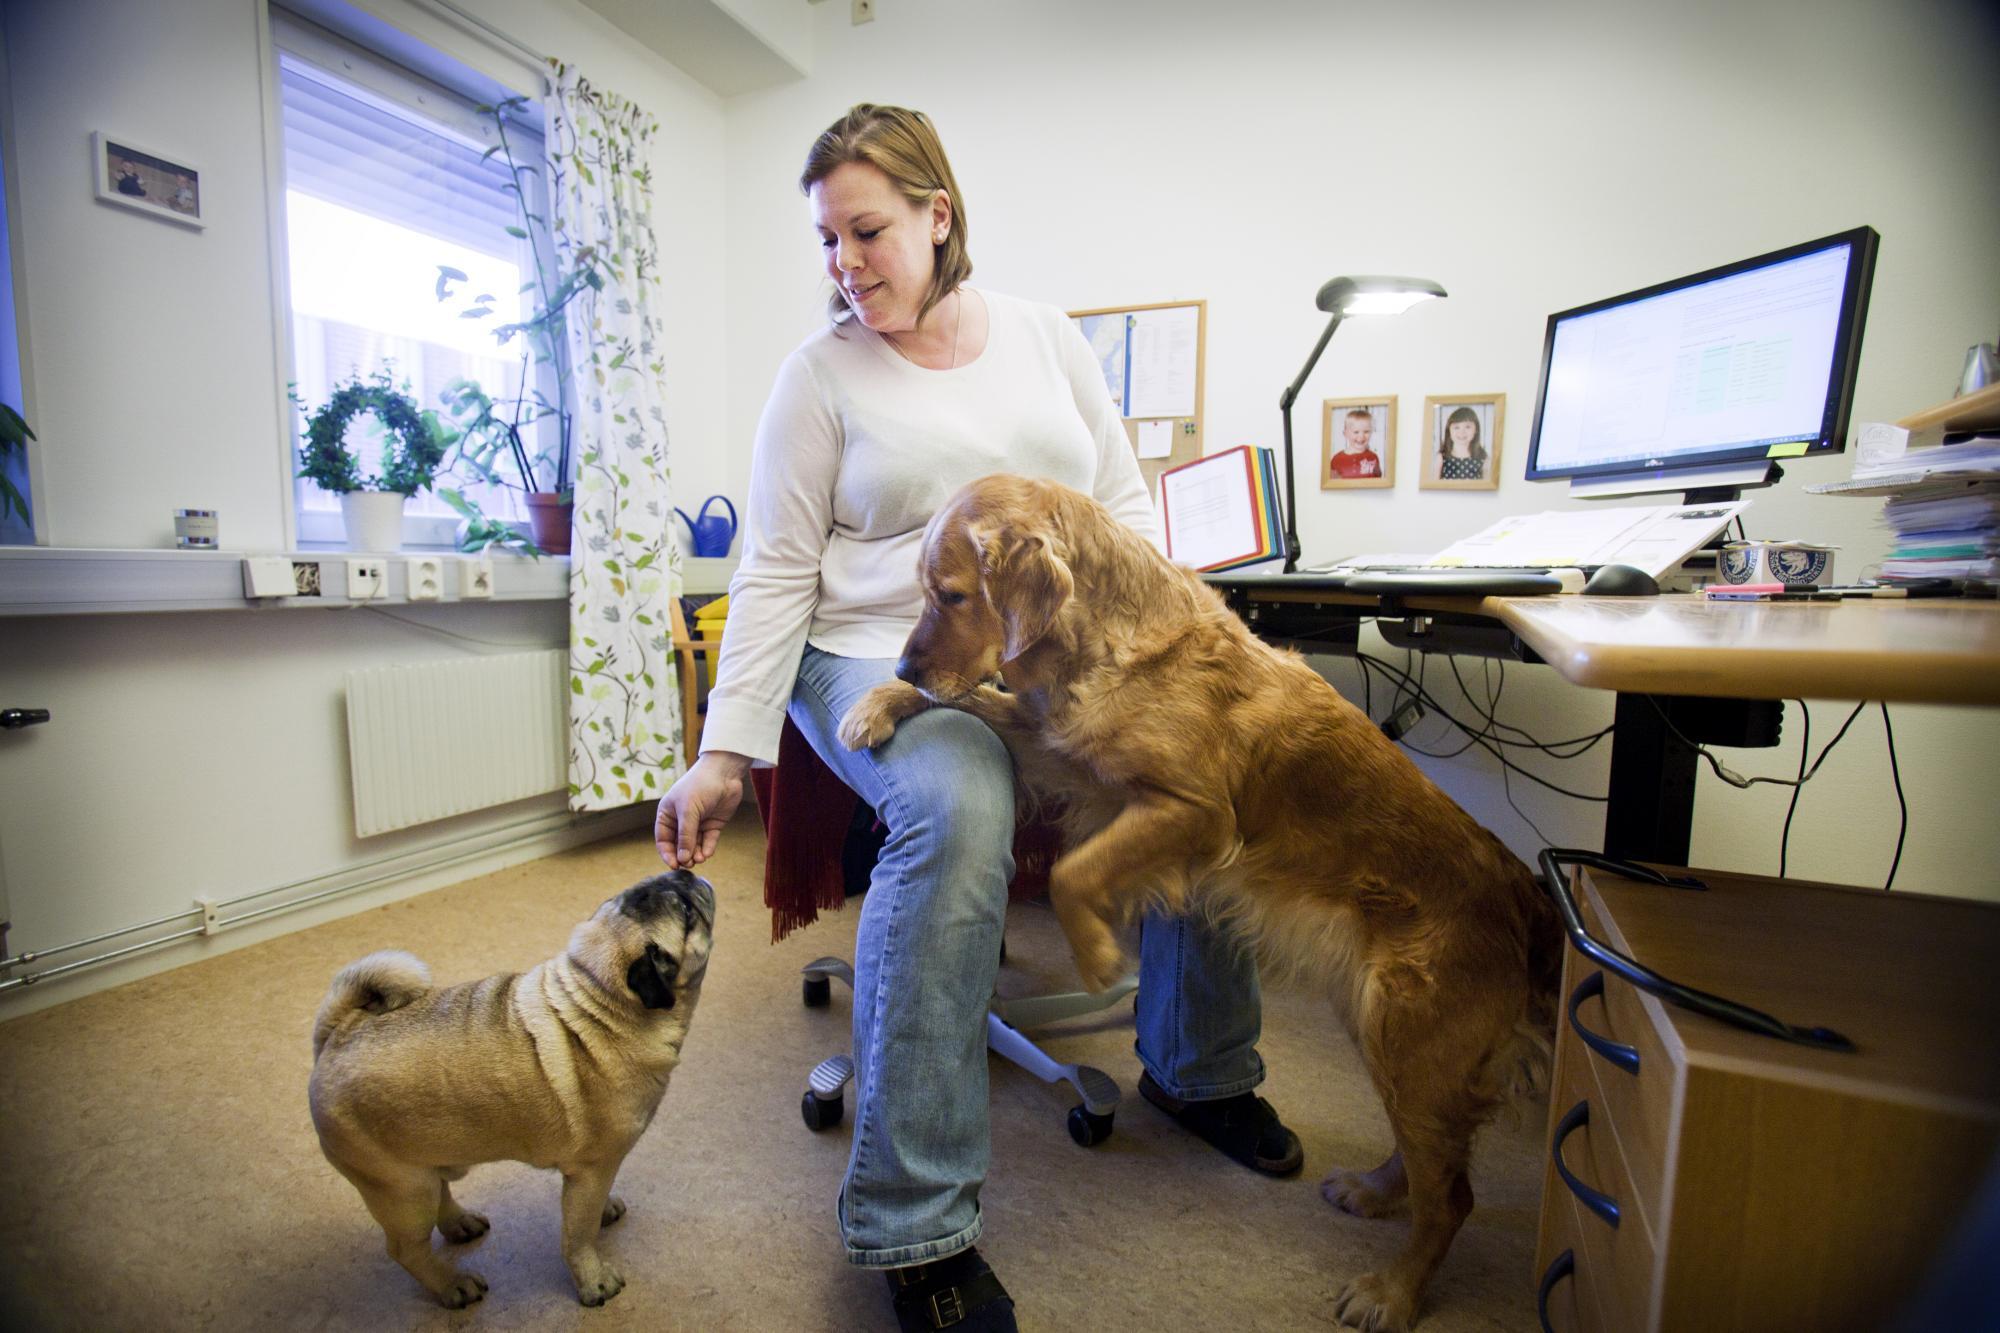 Katarina Swahn är organisationssekreterare på Svenska Brukshundklubben och har med sig MopshannenGollum, Jargong's Gambler Gollumoch Golden retrievertikenNixi, Oxunda's Nostalgic Nixiepå sitt rum.